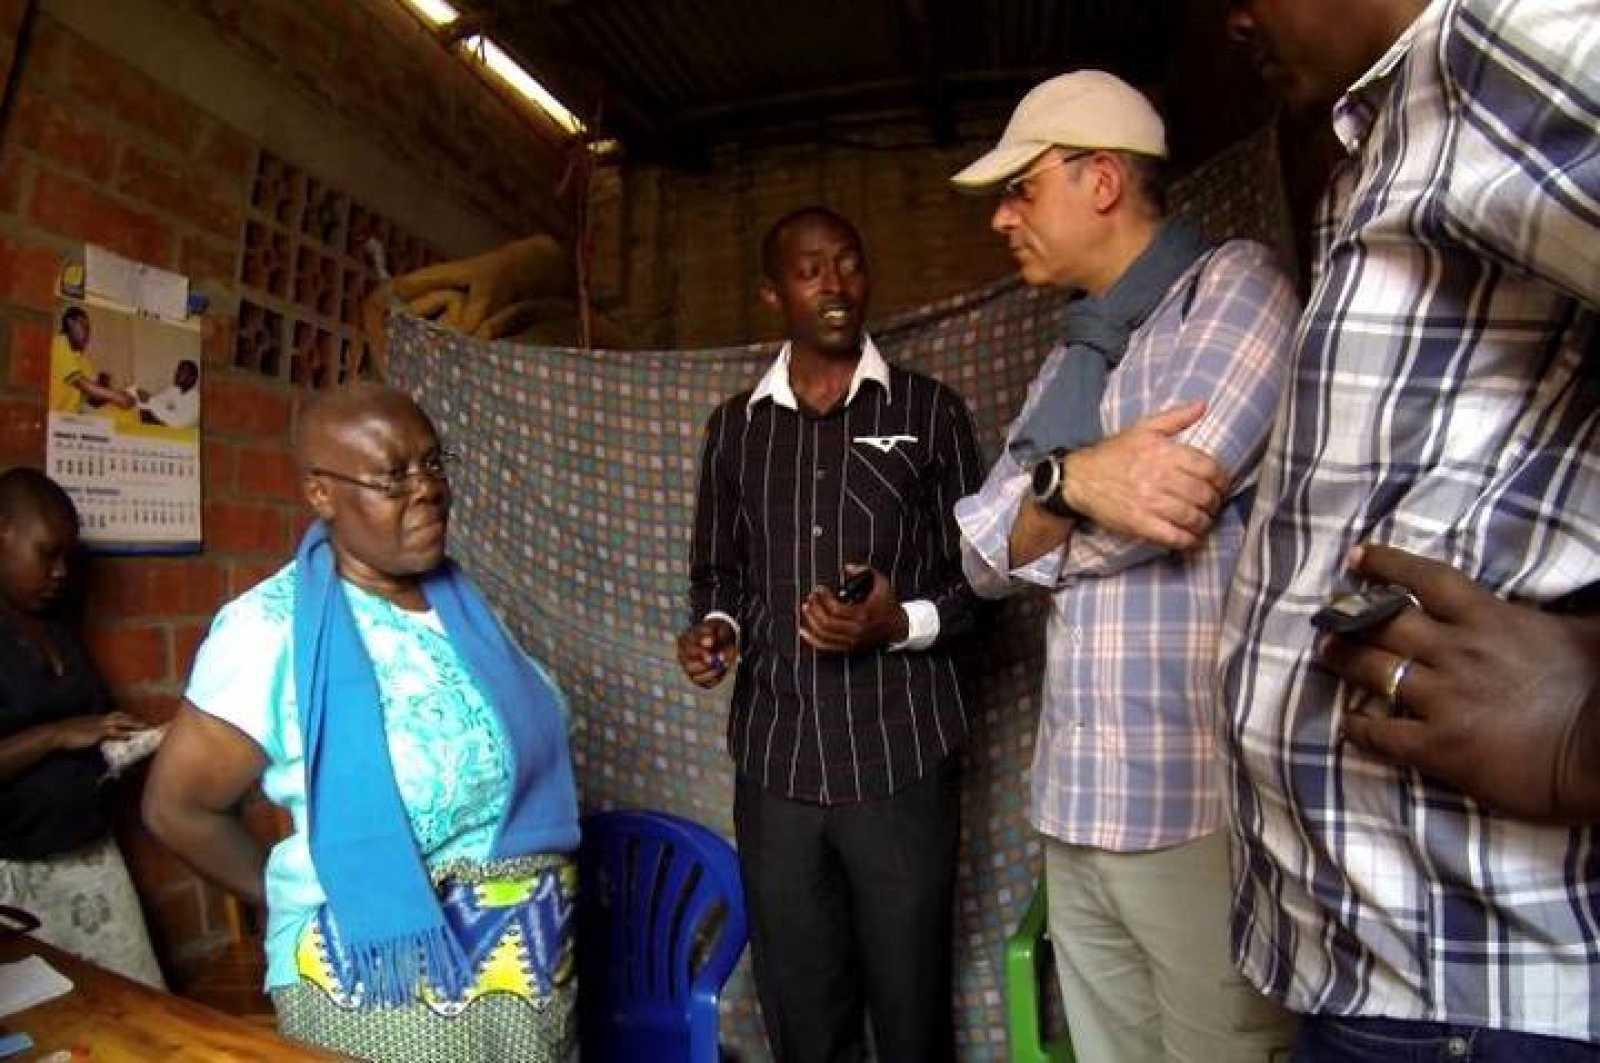 Valérie Bemeriki, locutora de la Radio Mil Colinas, en su celda de la prisión de Nyarugenge. De sus labios salieron mensajes que provocaron la asesinato de miles de personas.